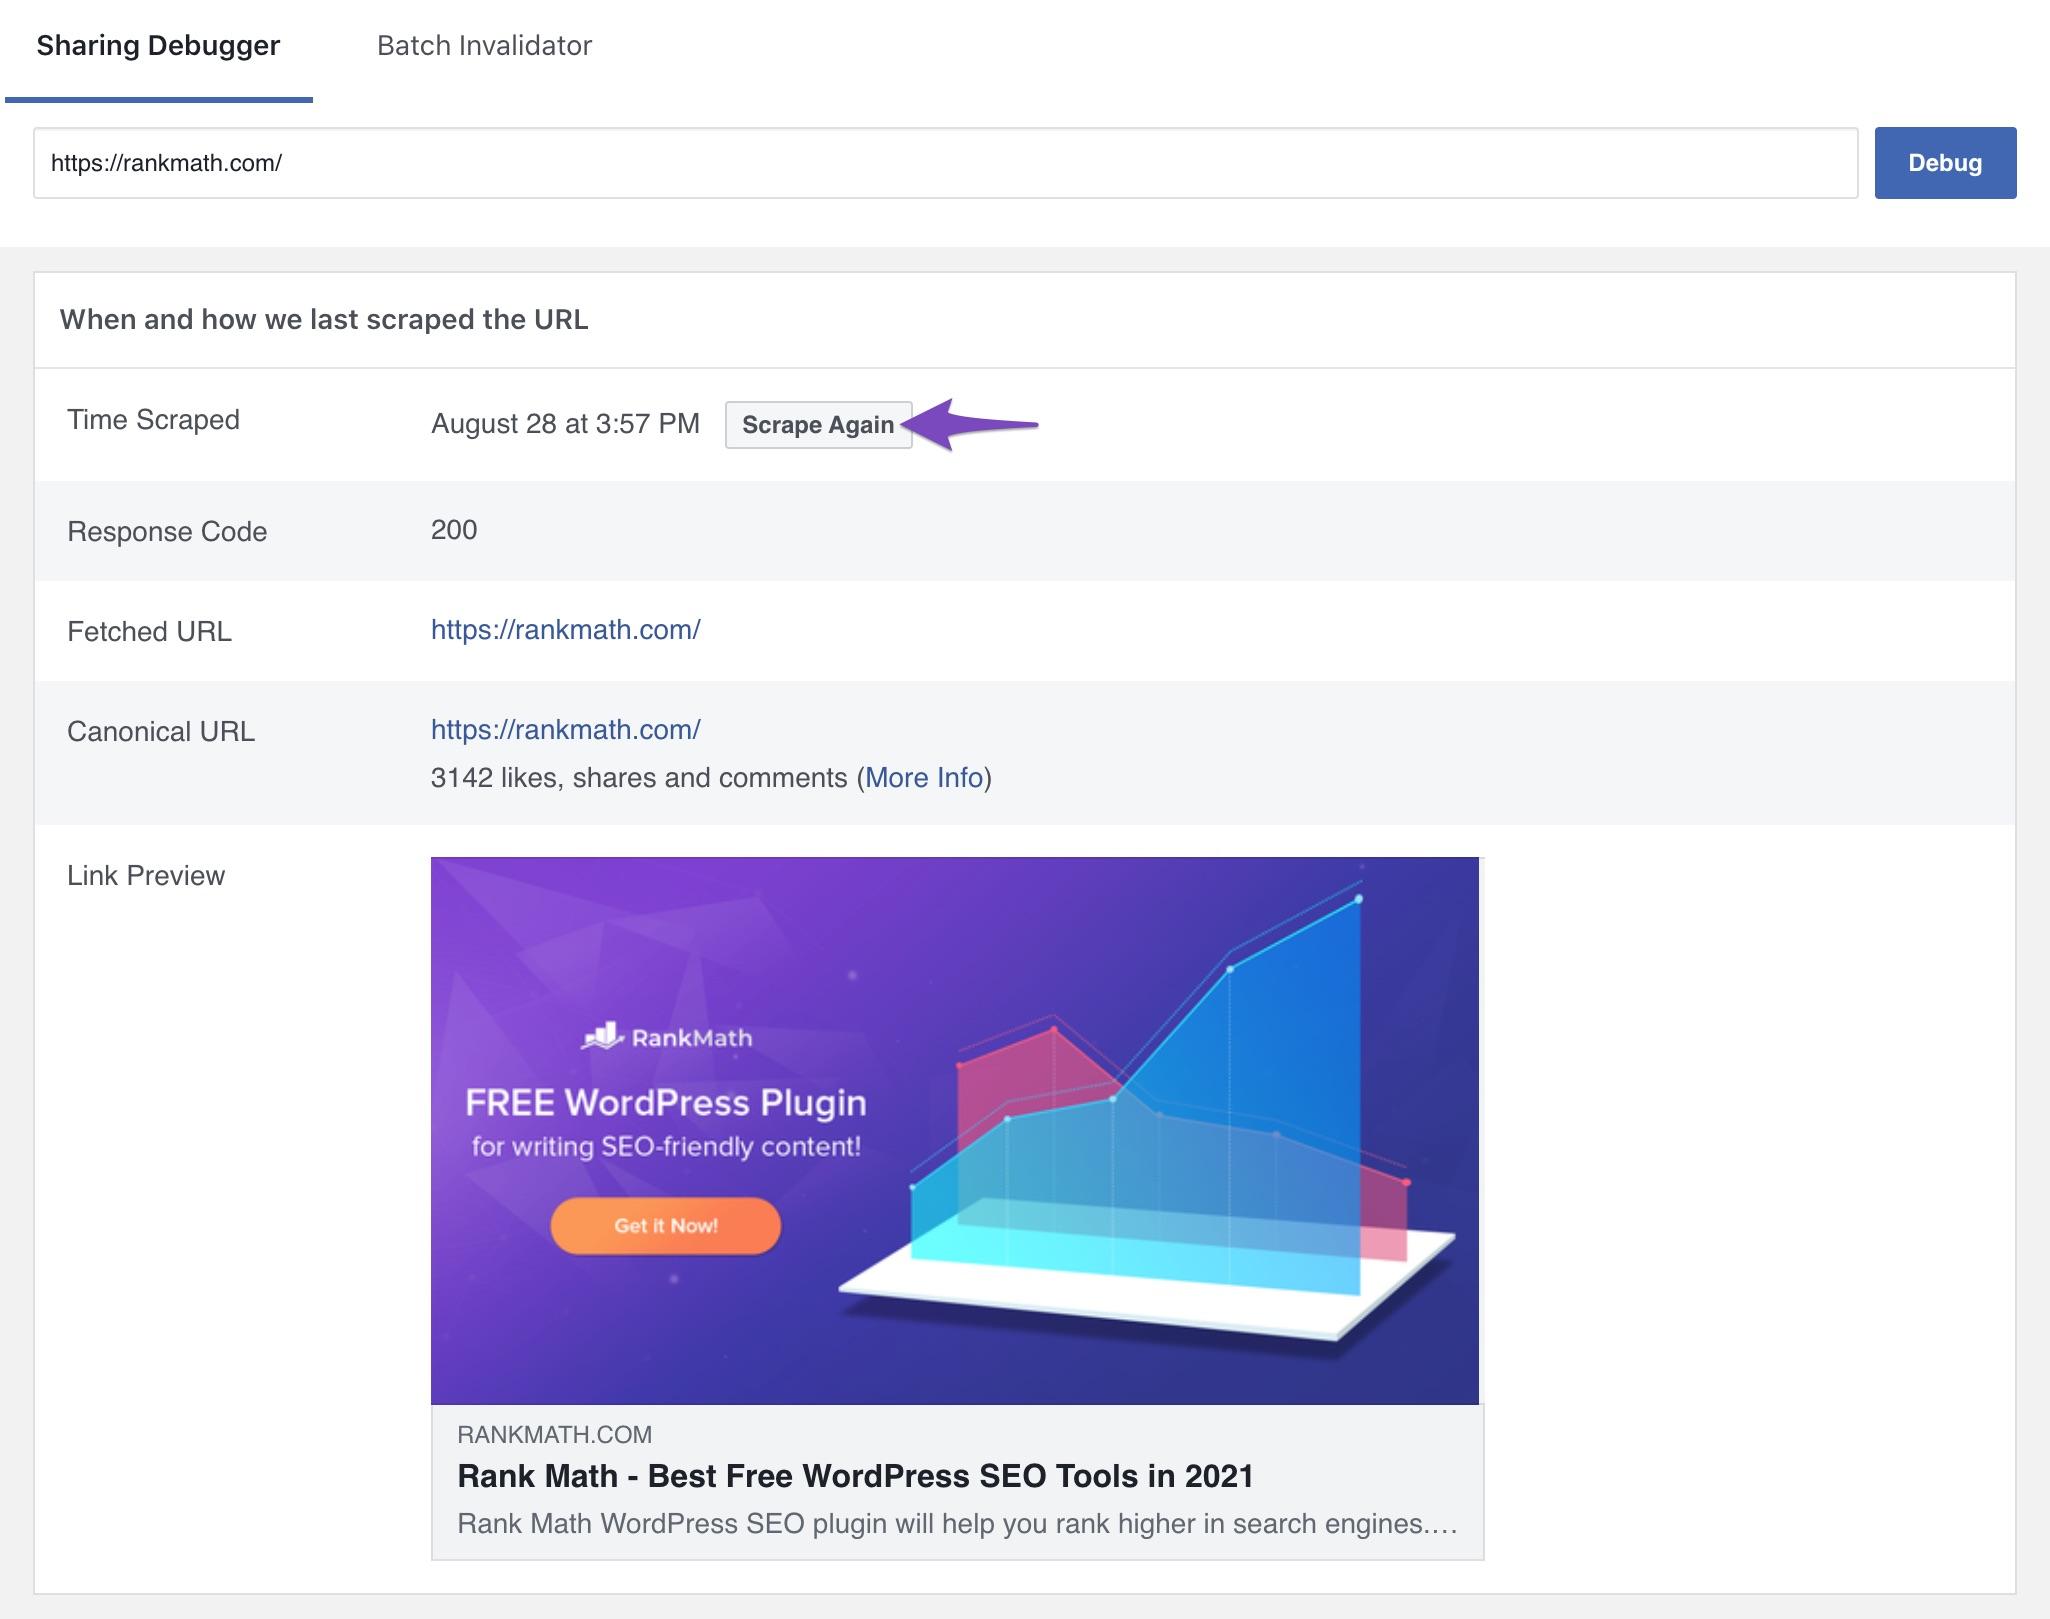 Scrape again in Facebook sharing debugger